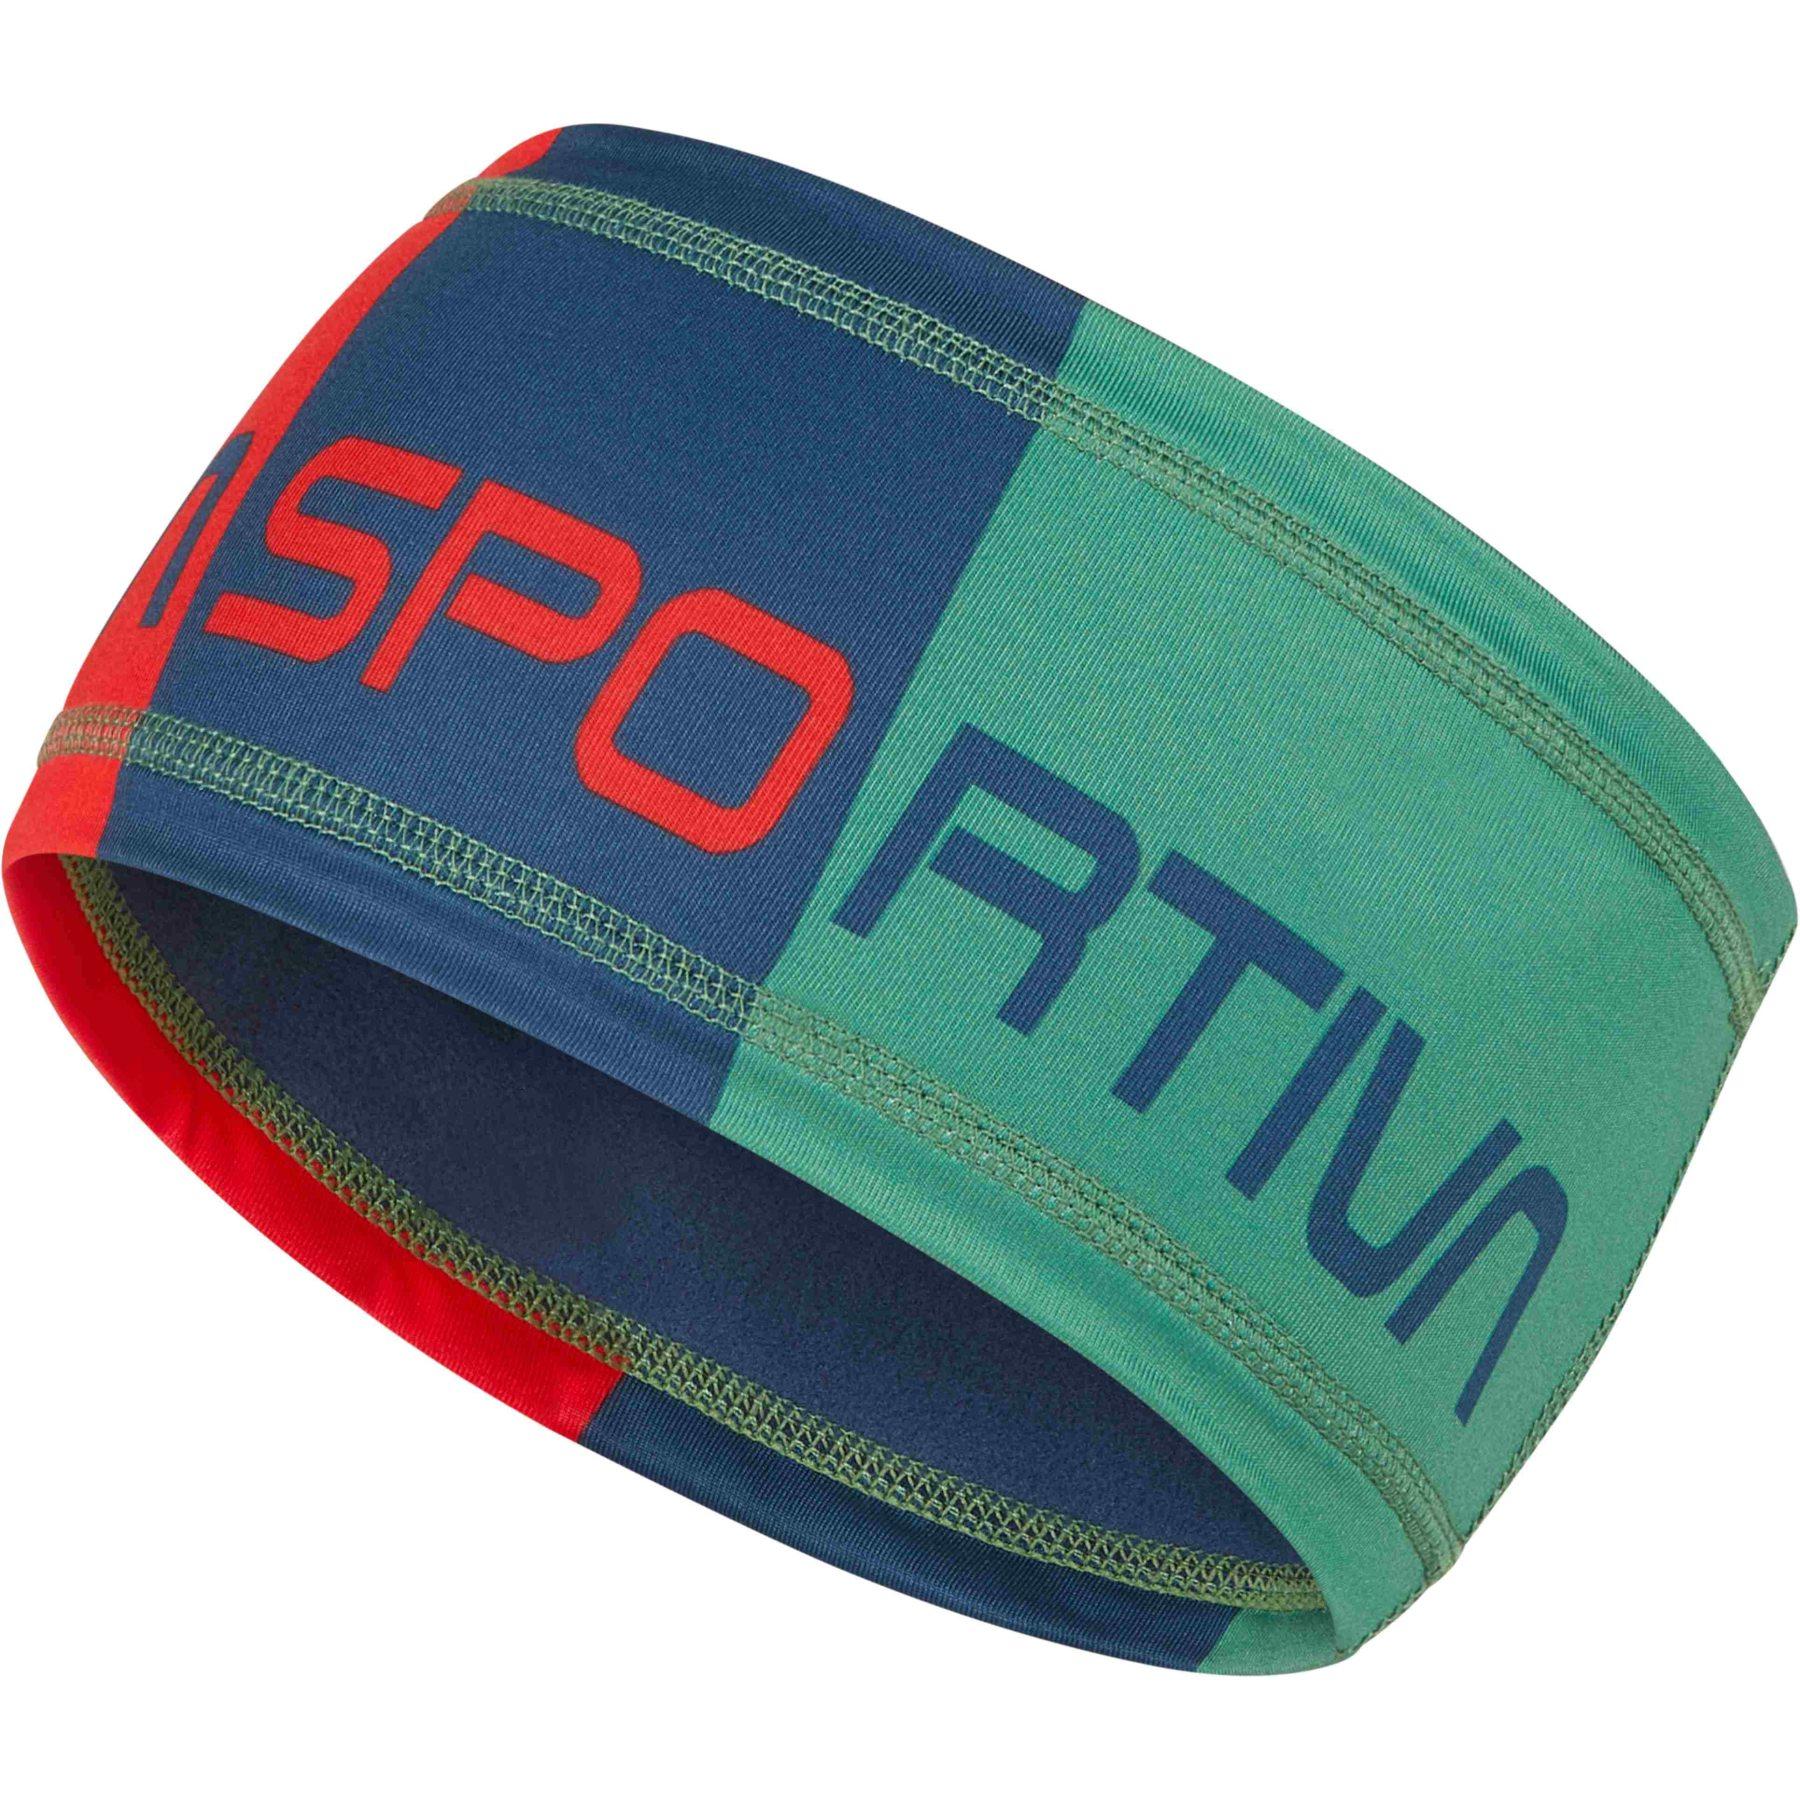 La Sportiva Headband opal grün